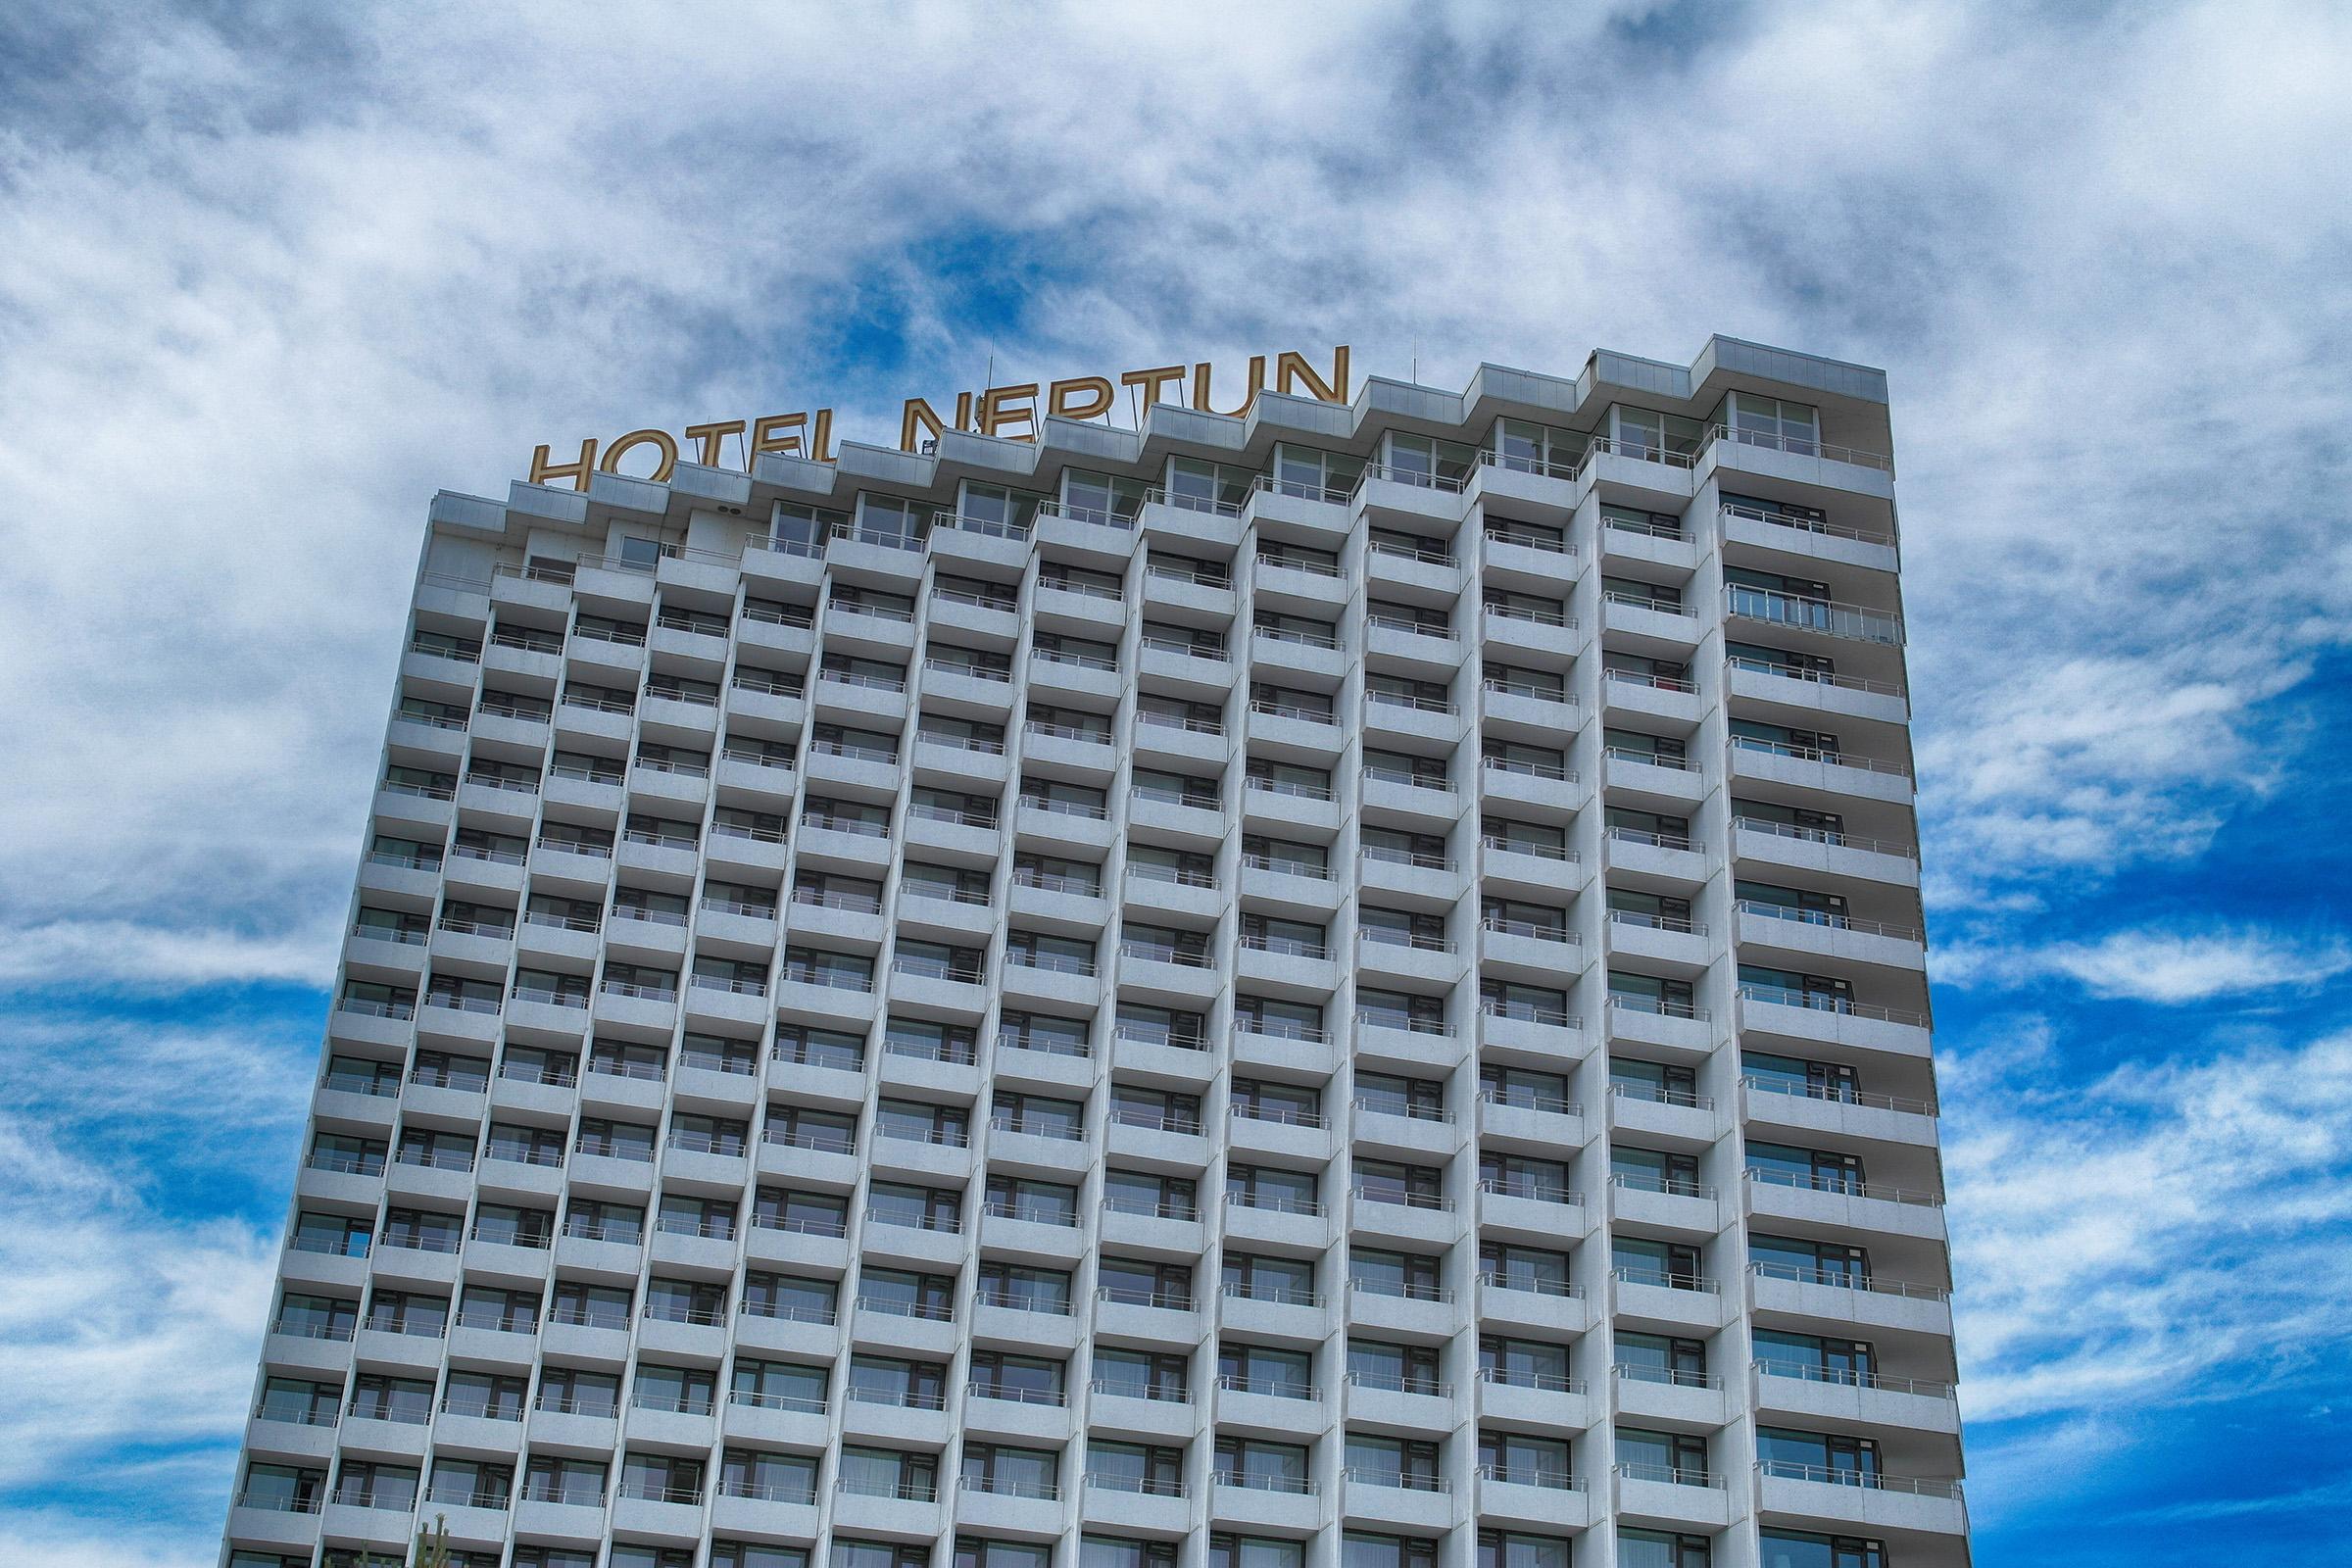 Hotel Neptun In Rostock Warnemünde